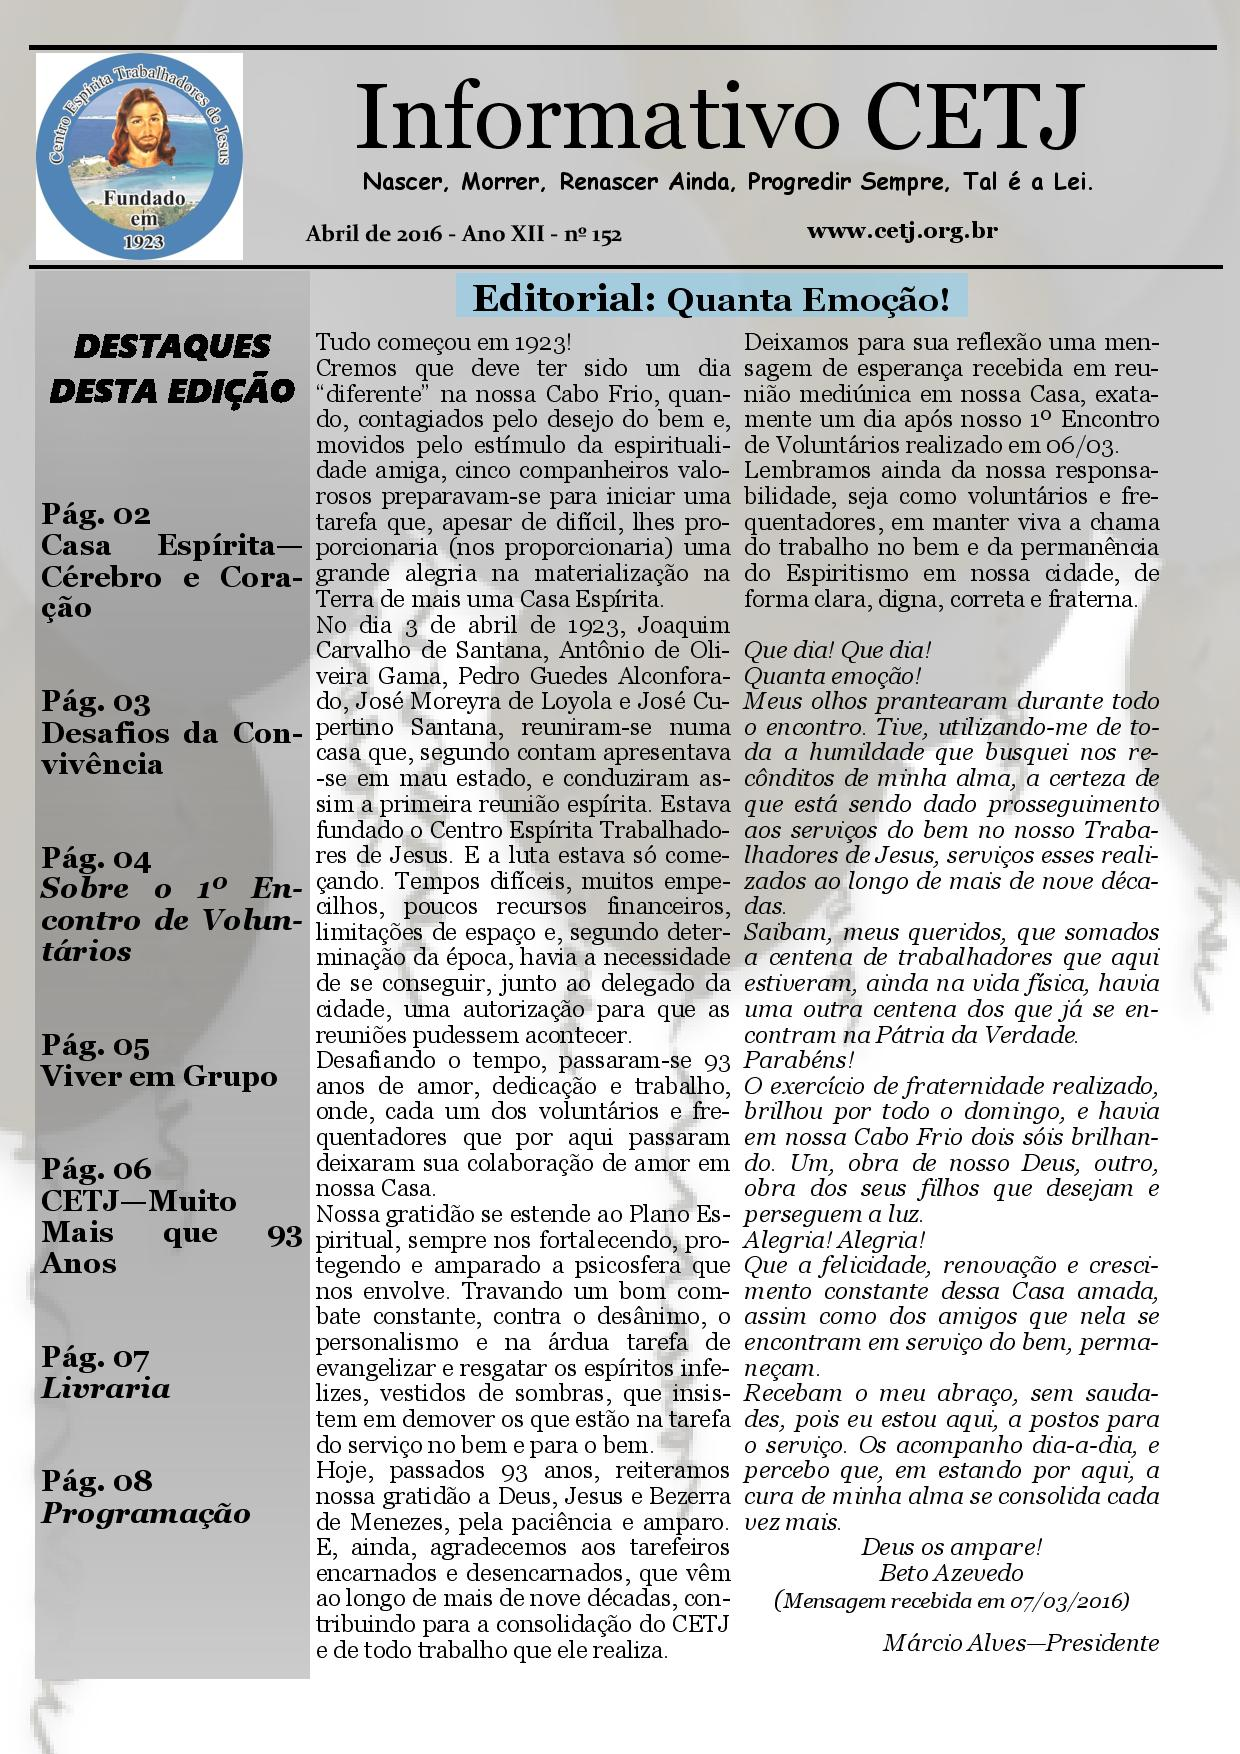 Informativo abril de 2016_net-page-001